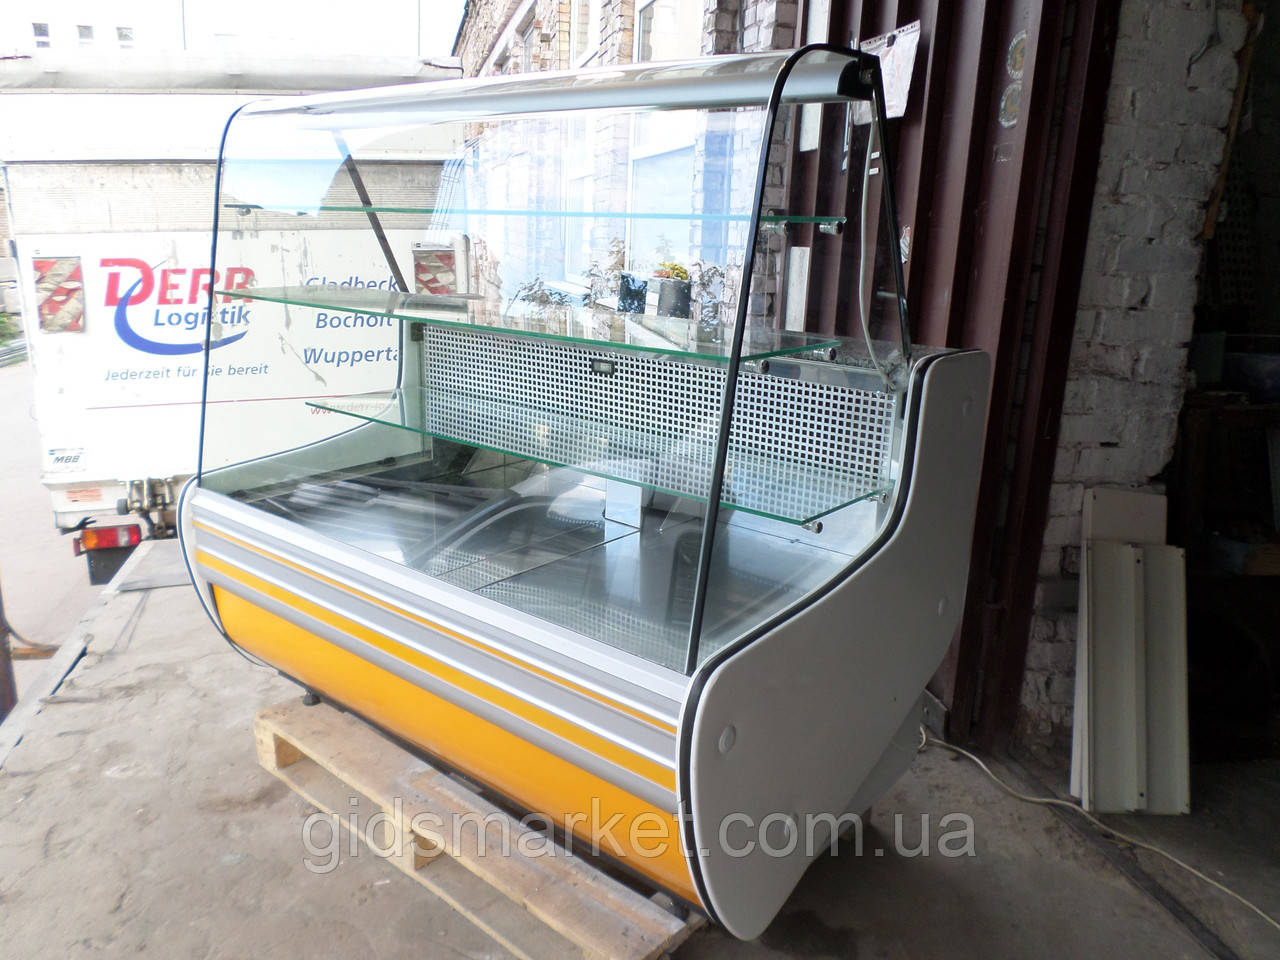 Холодильный кондитерский прилавок COLD  б у, витрина кондитерская б.у.